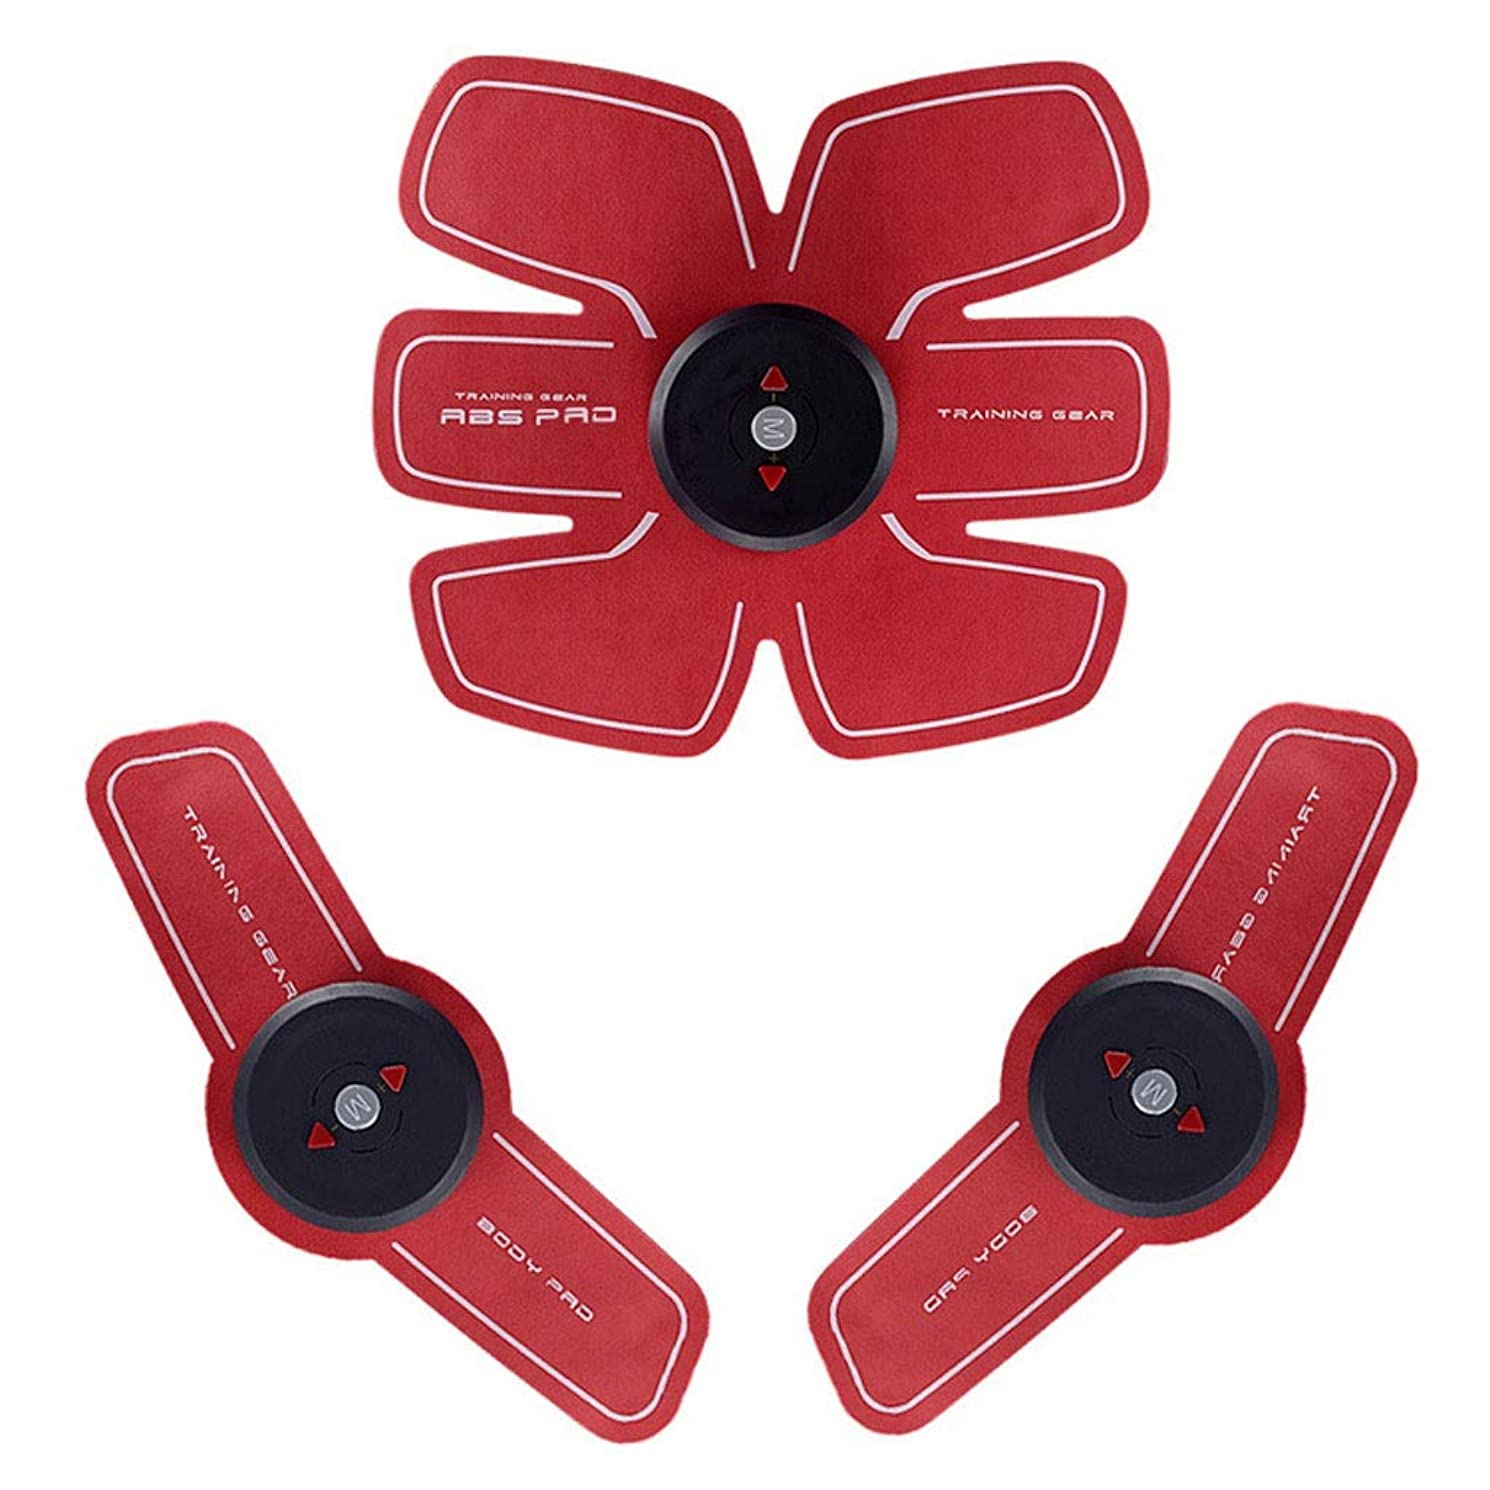 木製オデュッセウス微妙EMS ABSトレーナー、腹部調色ベルト、Abベルト/Abトナー、EMSマッスルスティミュレーター、マッスルトナーフィットネストレーニングギア(男性用)女性腹部アームレッグトレーナー (Size : D)